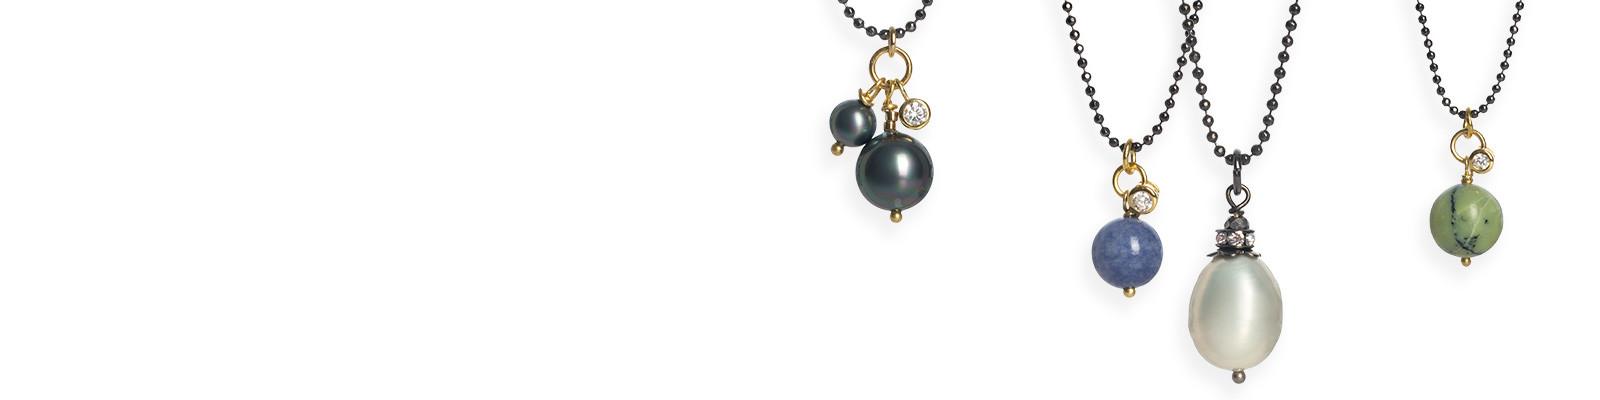 Ny kollektion af elegante halskæder med perlevedhæng